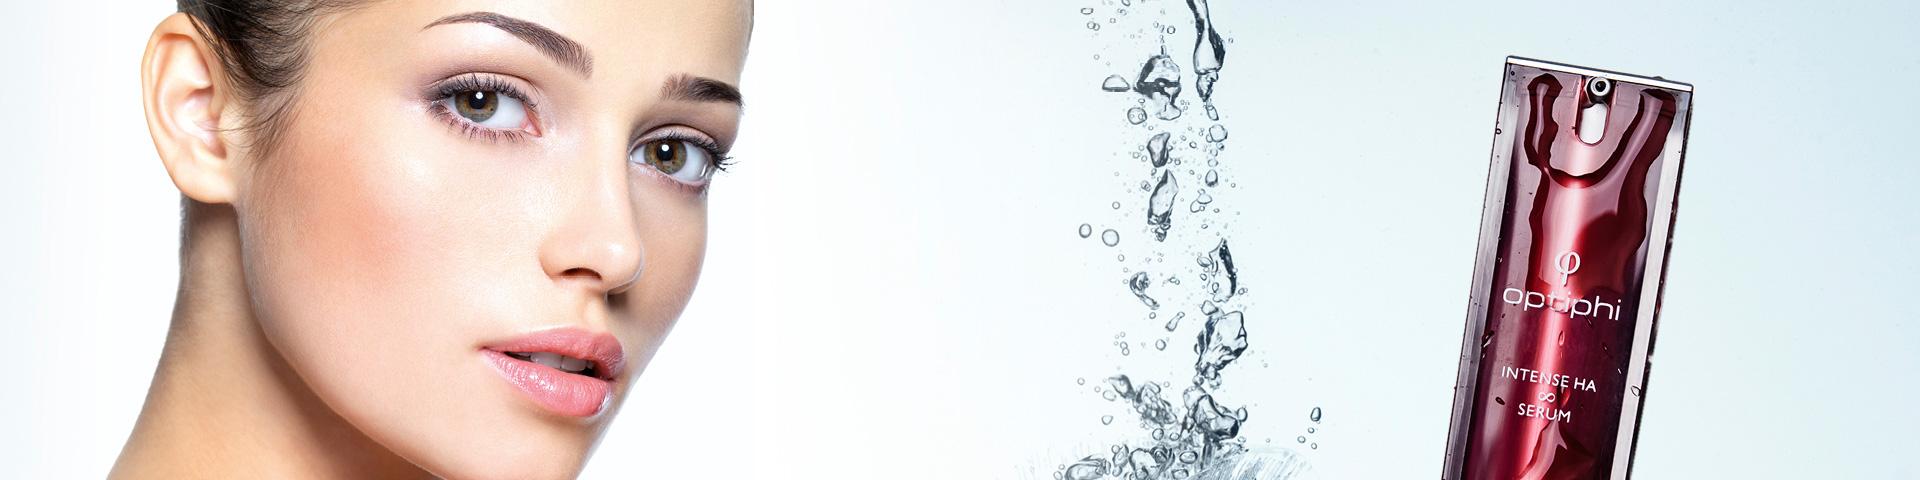 Kosmetikbehandlung Junges Frauengesicht mit Optiphi Produkt Intense HA Serum und Wassertropfen in der Mitte des Bildes